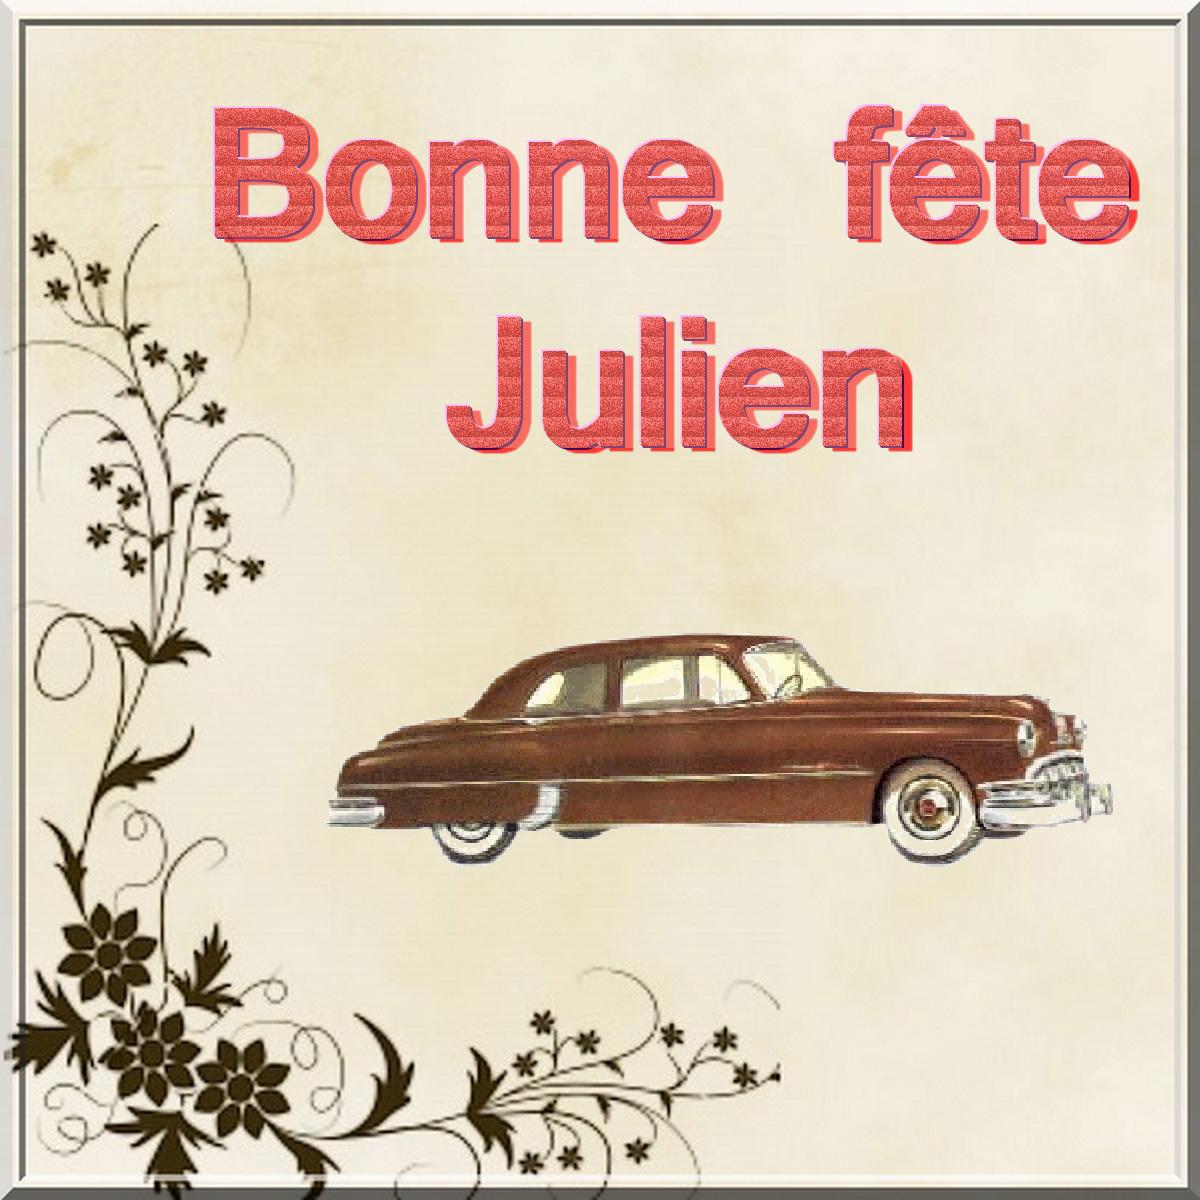 Carte Bonne Fete Julien.Bonne Fete Aux Julien